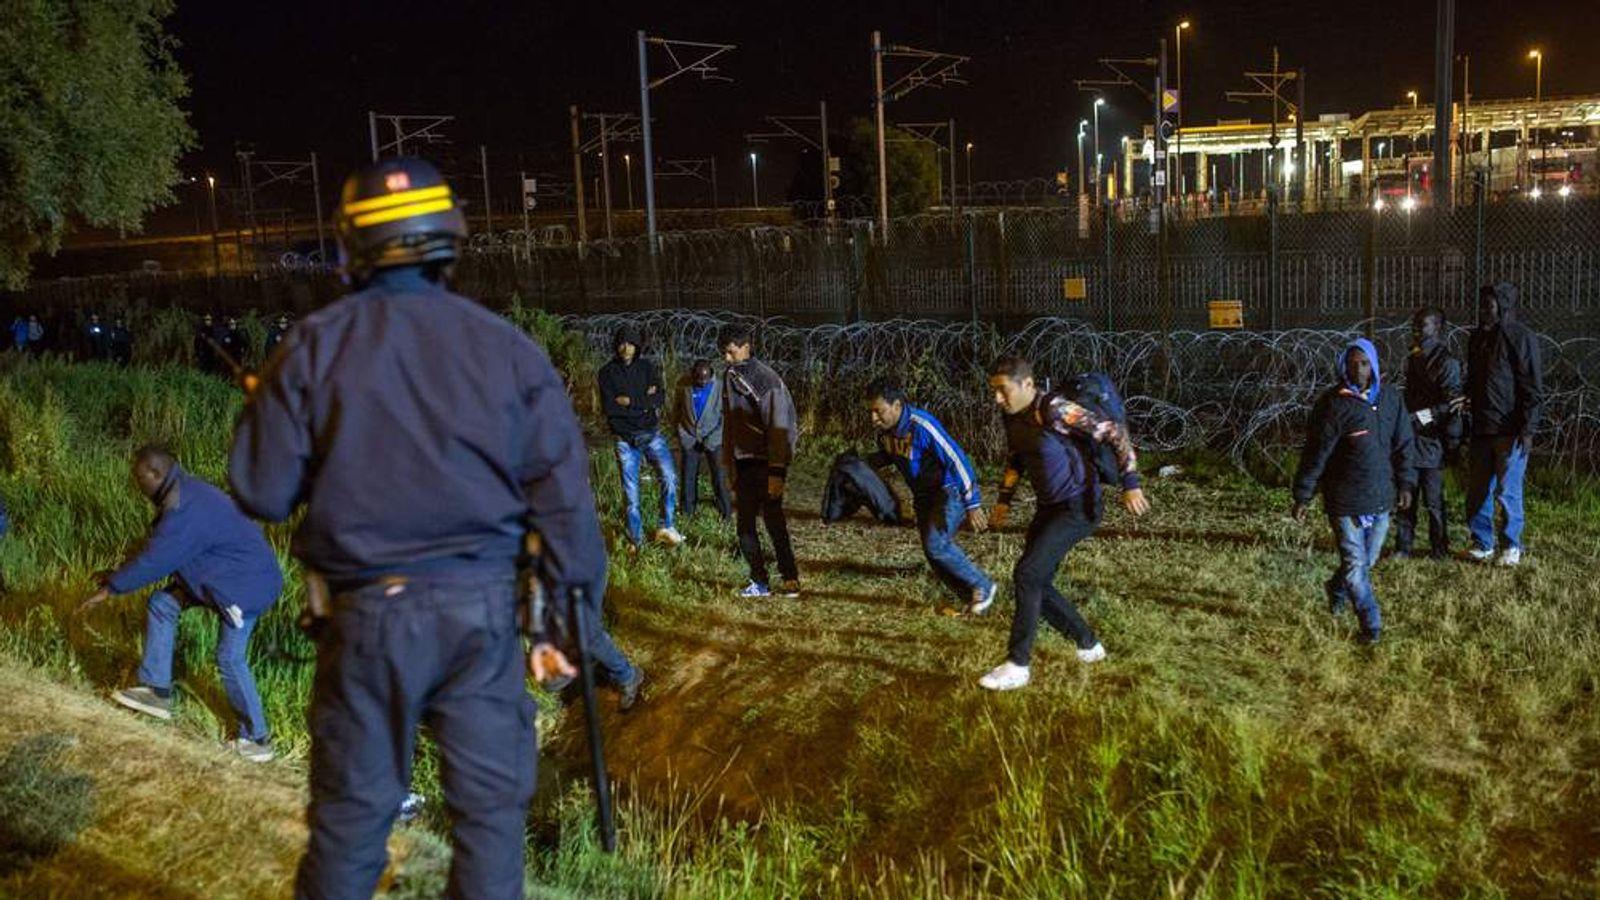 030815 MIGRANTS CRISIS Migrants in Calais France